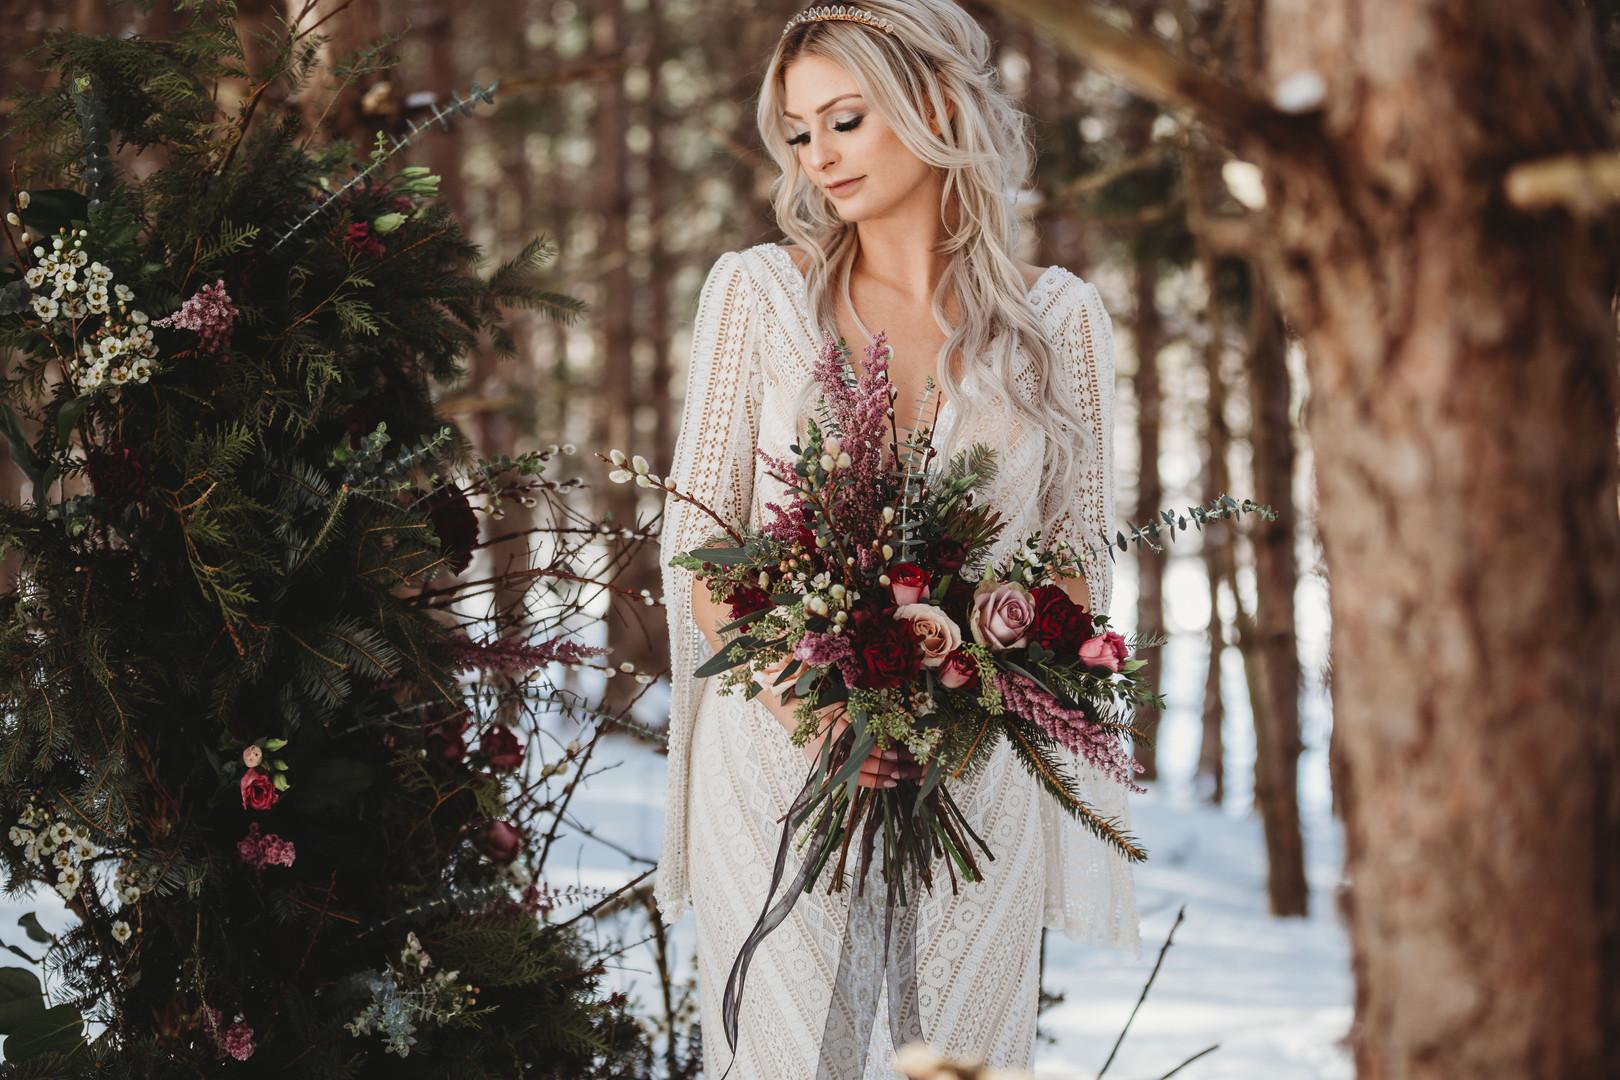 Enchanted Winter Bride